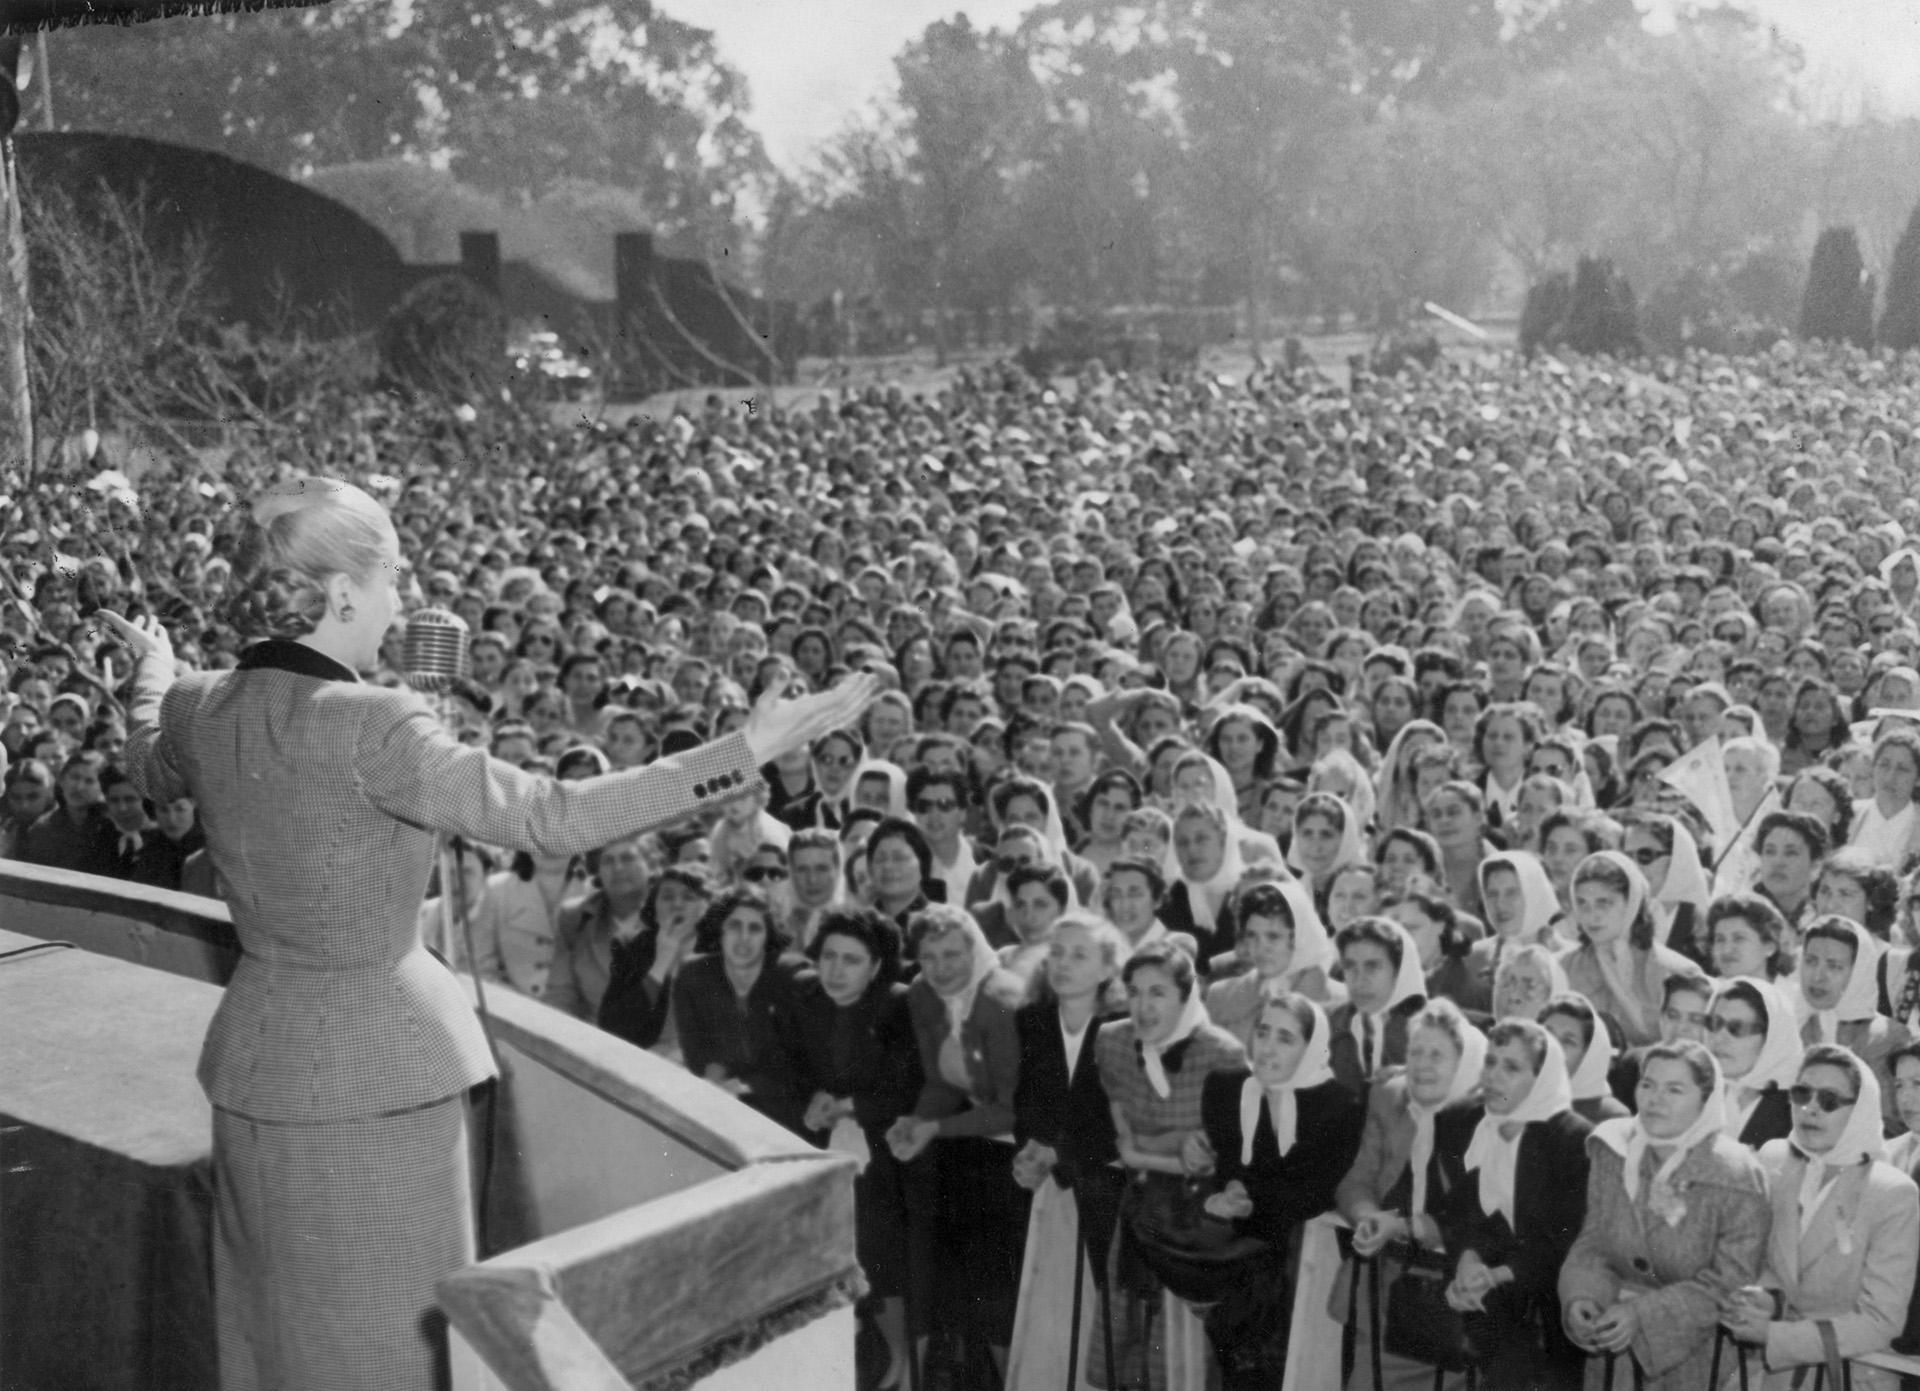 """El 21 de agosto de 1946 el proyecto del voto femenino es aprobado por la Cámara de Senadores, para que el 9 de septiembre del año siguiente hiciera lo propio la Cámara de Diputados. Días más tarde, el 23 de septiembre de 1947, se promulga finalmente la Ley 13.010. Evita es una férrea impulsora de la norma. Ese día, ante una Plaza de Mayo atestada de mujeres, pronuncia uno de sus discursos más emblemáticos: """"Recibo en este instante de manos del Gobierno de la Nación la ley que consagra nuestros derechos cívicos. Y la recibo, ante vosotras, con la certeza que lo hago en nombre y representación de todas las mujeres argentinas, sintiendo jubilosamente que me tiemblan las manos al contacto del laurel que proclama la victoria"""" (Getty Images)"""